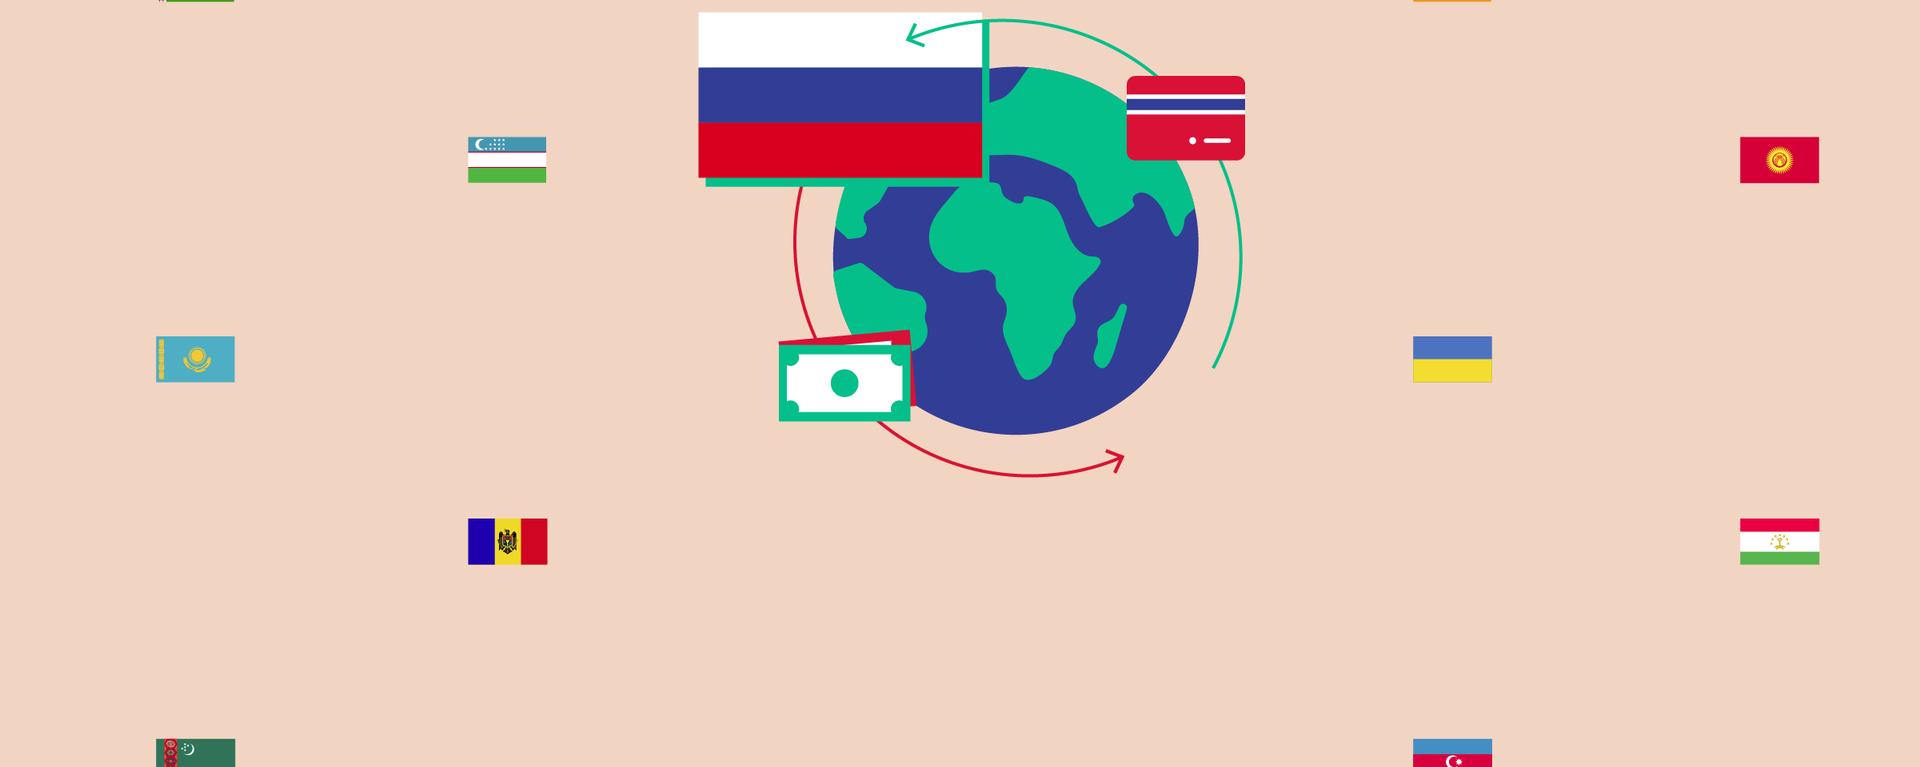 Денежные переводы из России в страны СНГ в 2021 году - чем удивил Узбекистан - Sputnik Узбекистан, 1920, 16.07.2021